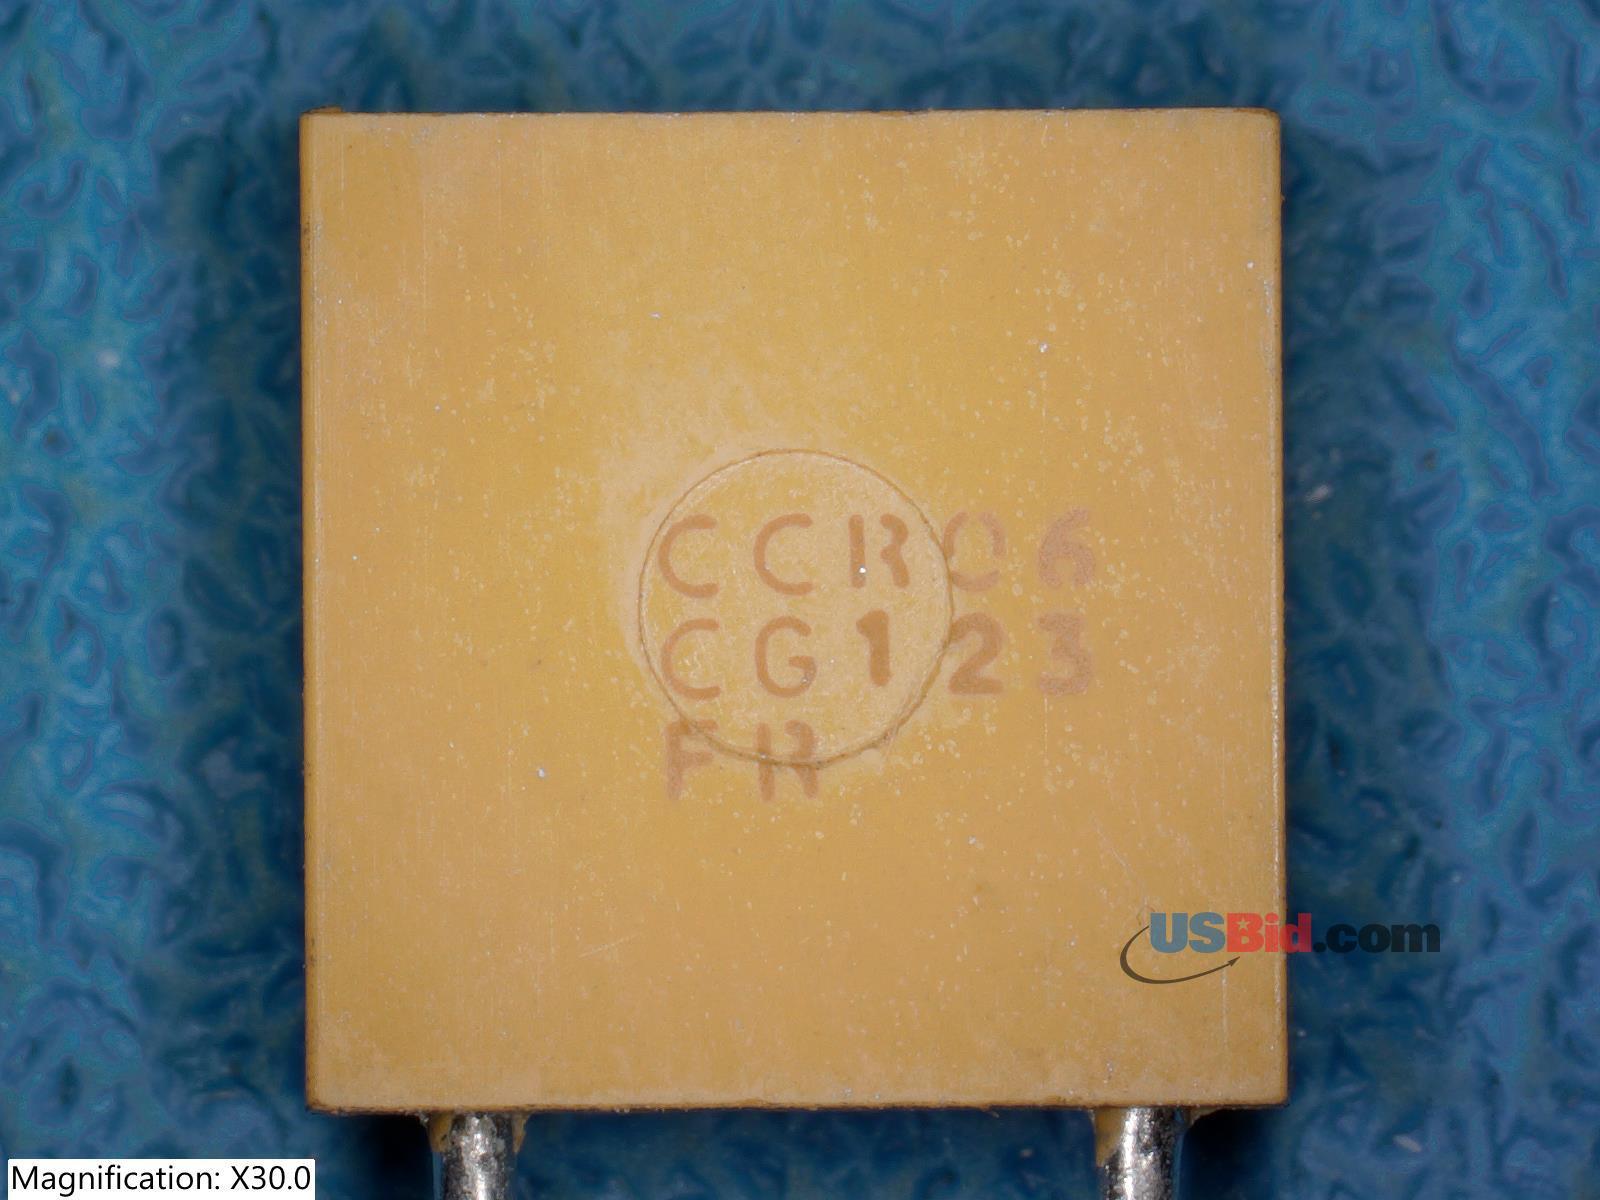 CCR06CG123FR photos